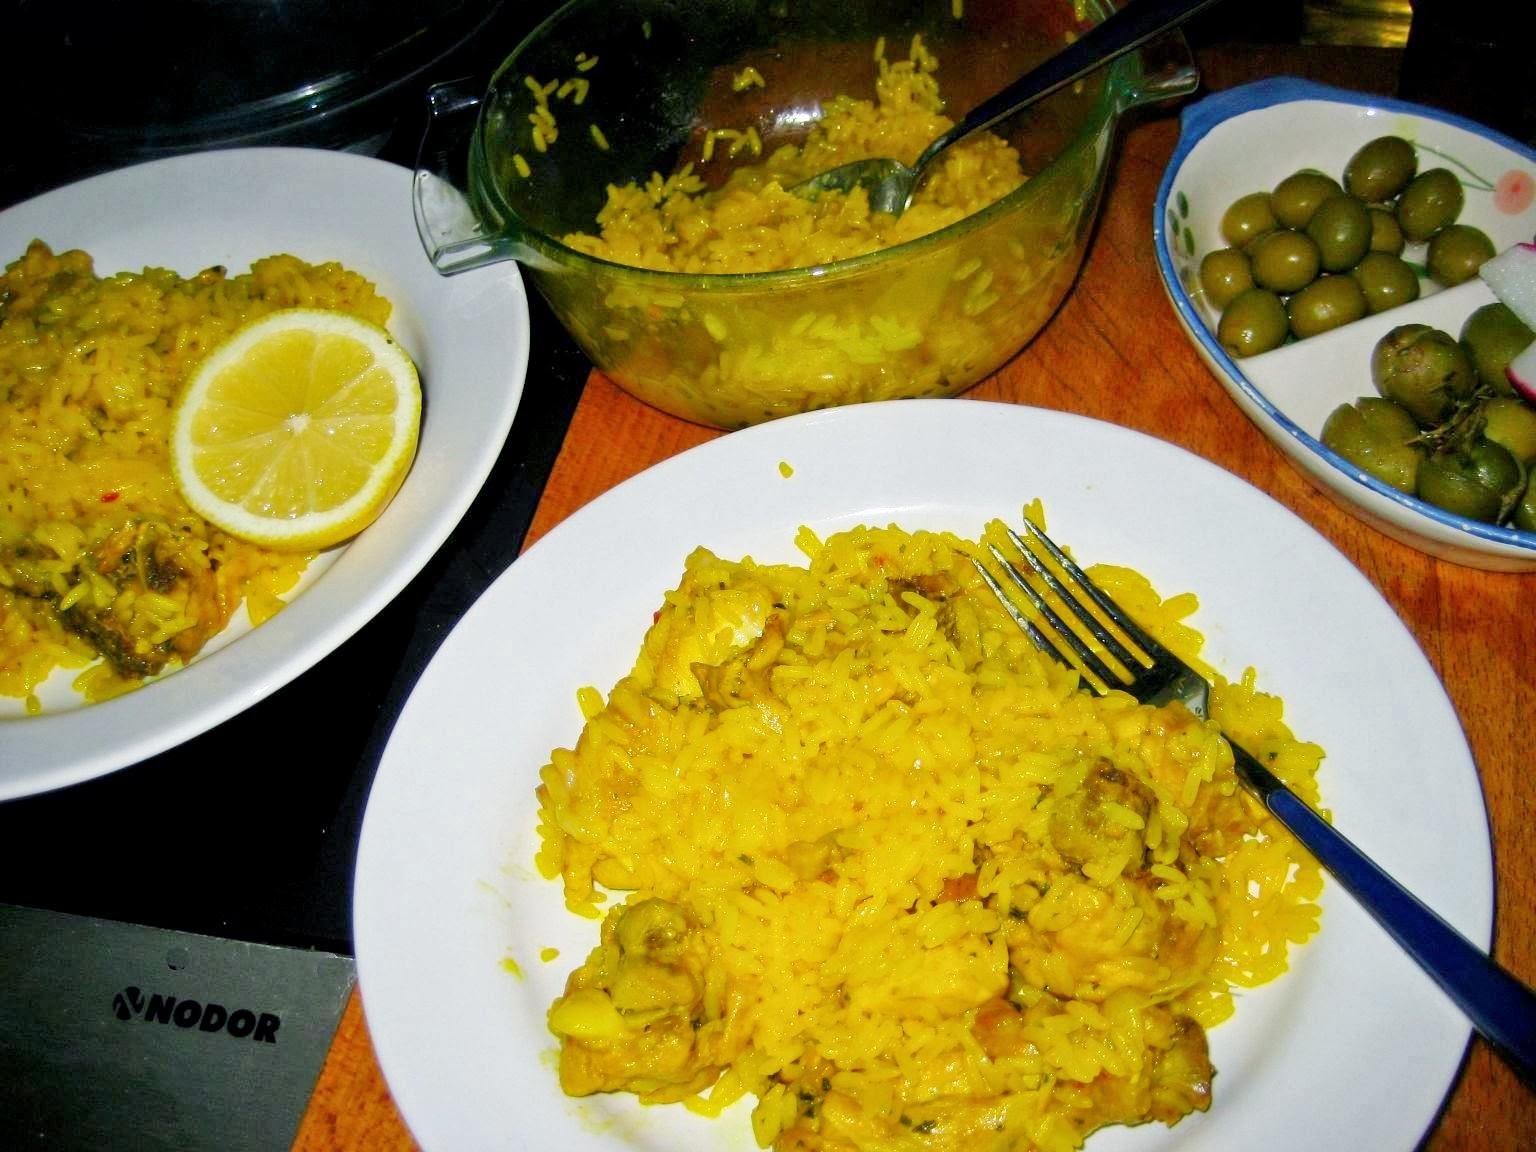 La cocina facil para novatos de mam rosa arroz con pollo en microondas - Cocina para novatos ...